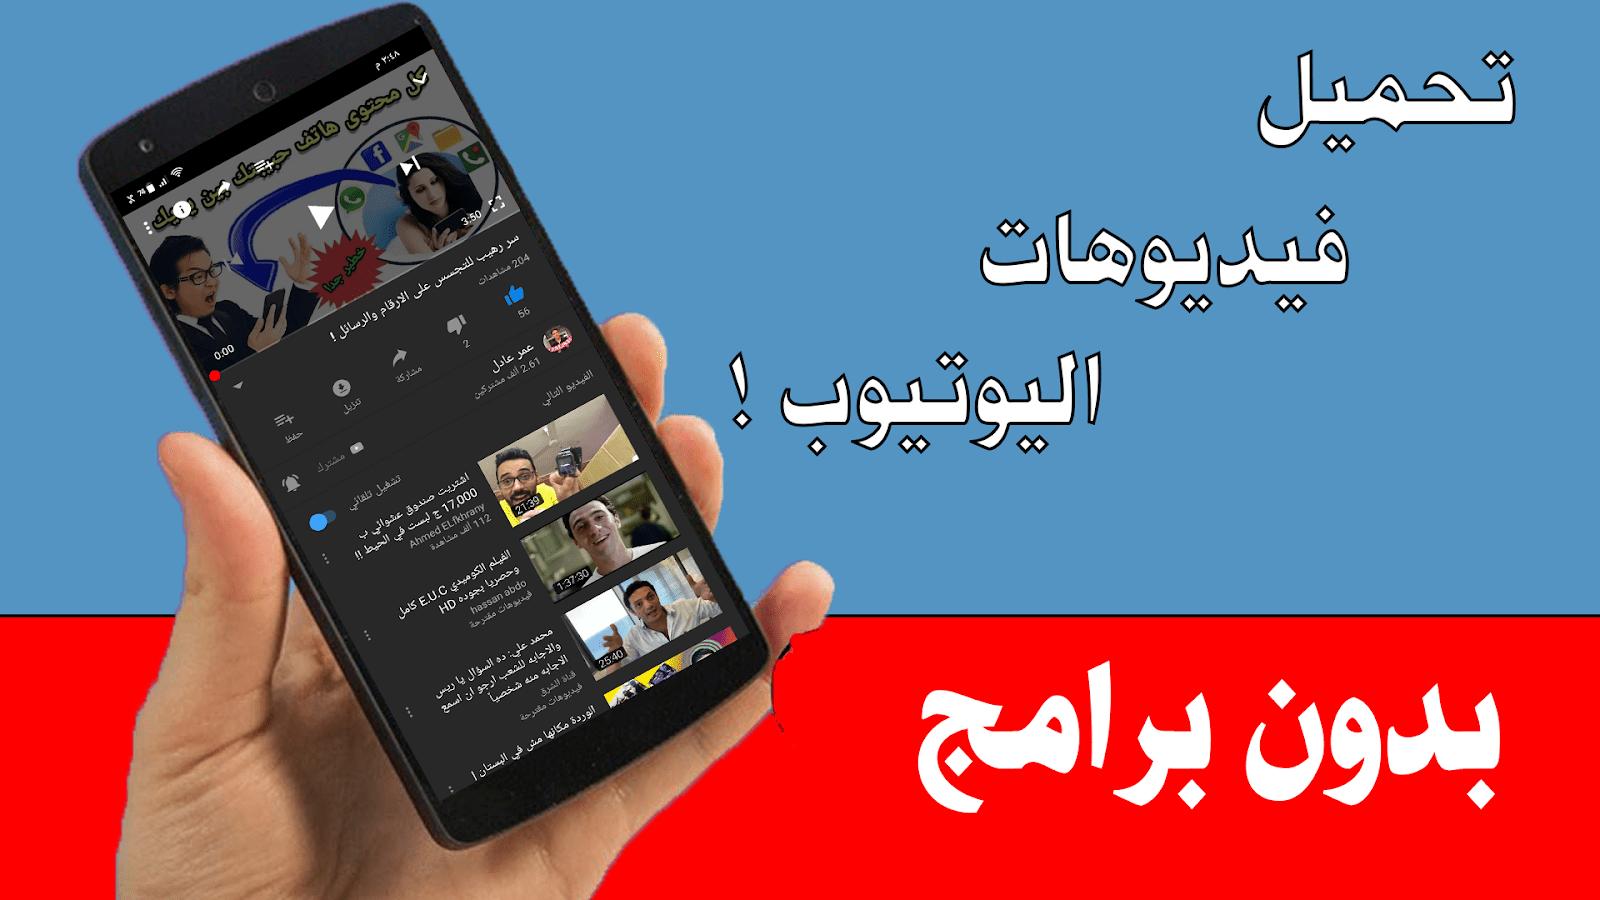 Photo of طريقه سهله جدا لتحميل الفيديوهات من اليوتيوب بدون برامج !